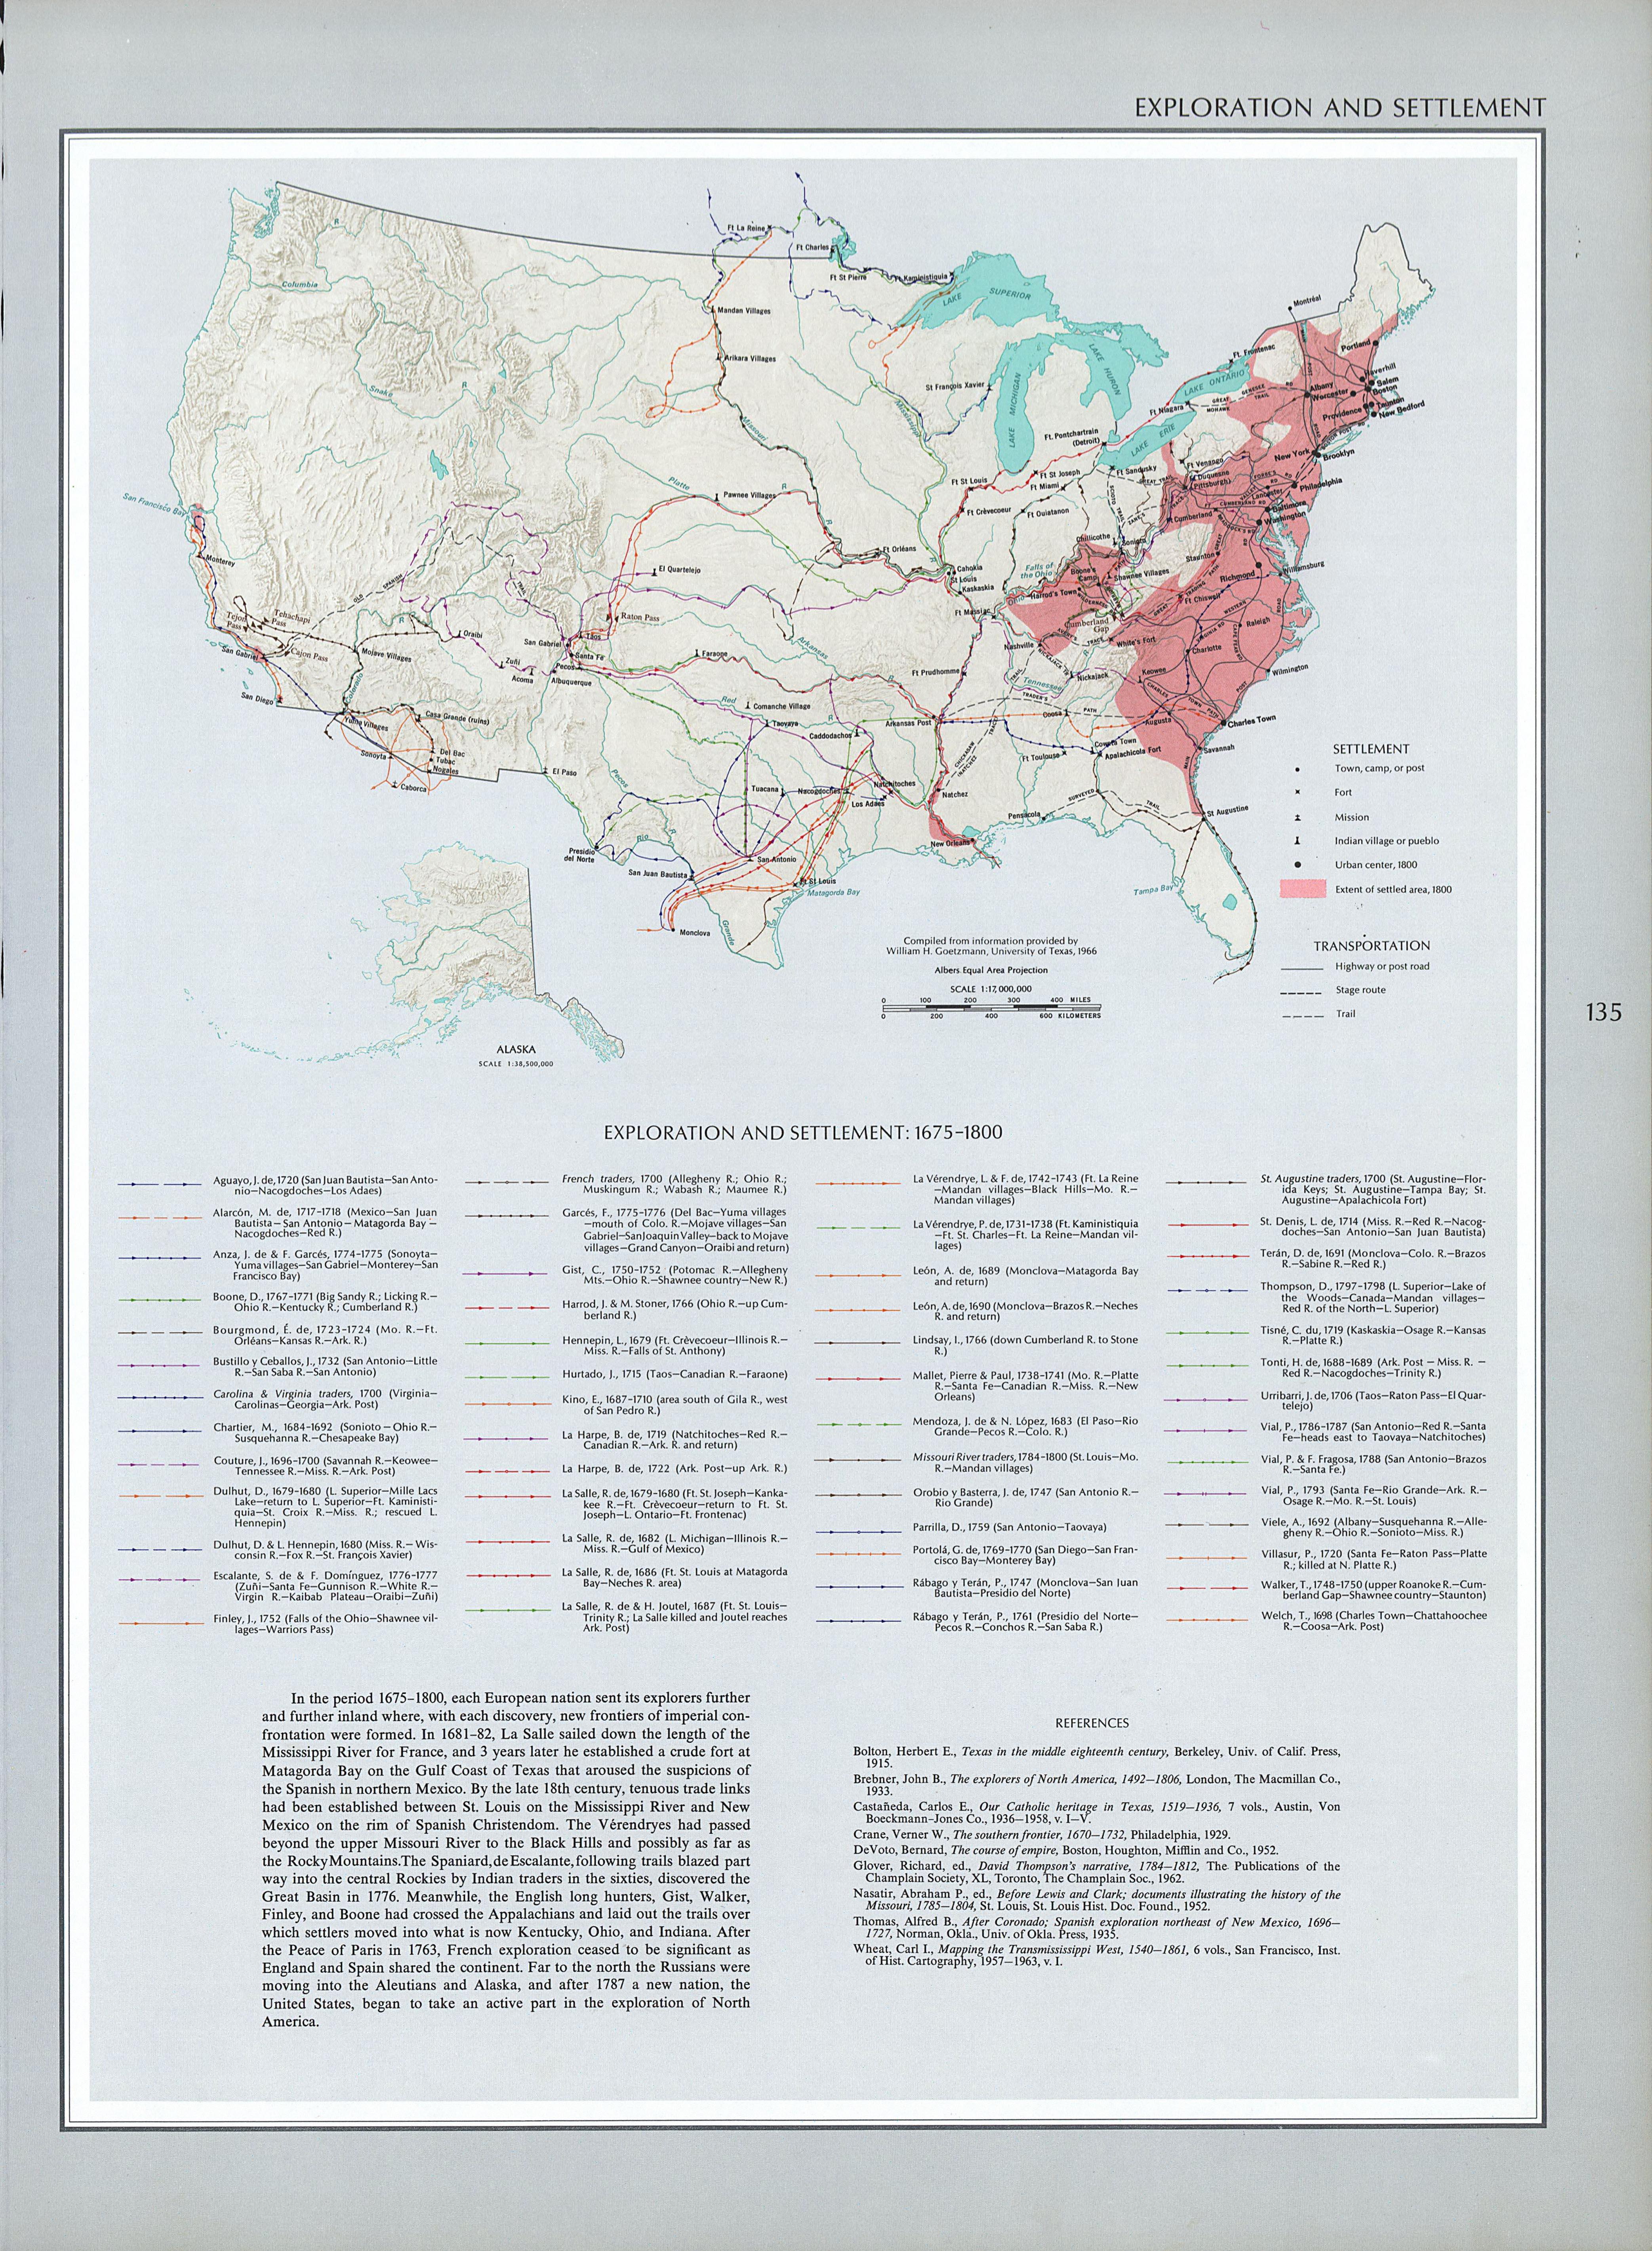 Mapa de Exploración y Asentamientos del Territorio de Estados Unidos 1675 - 1800